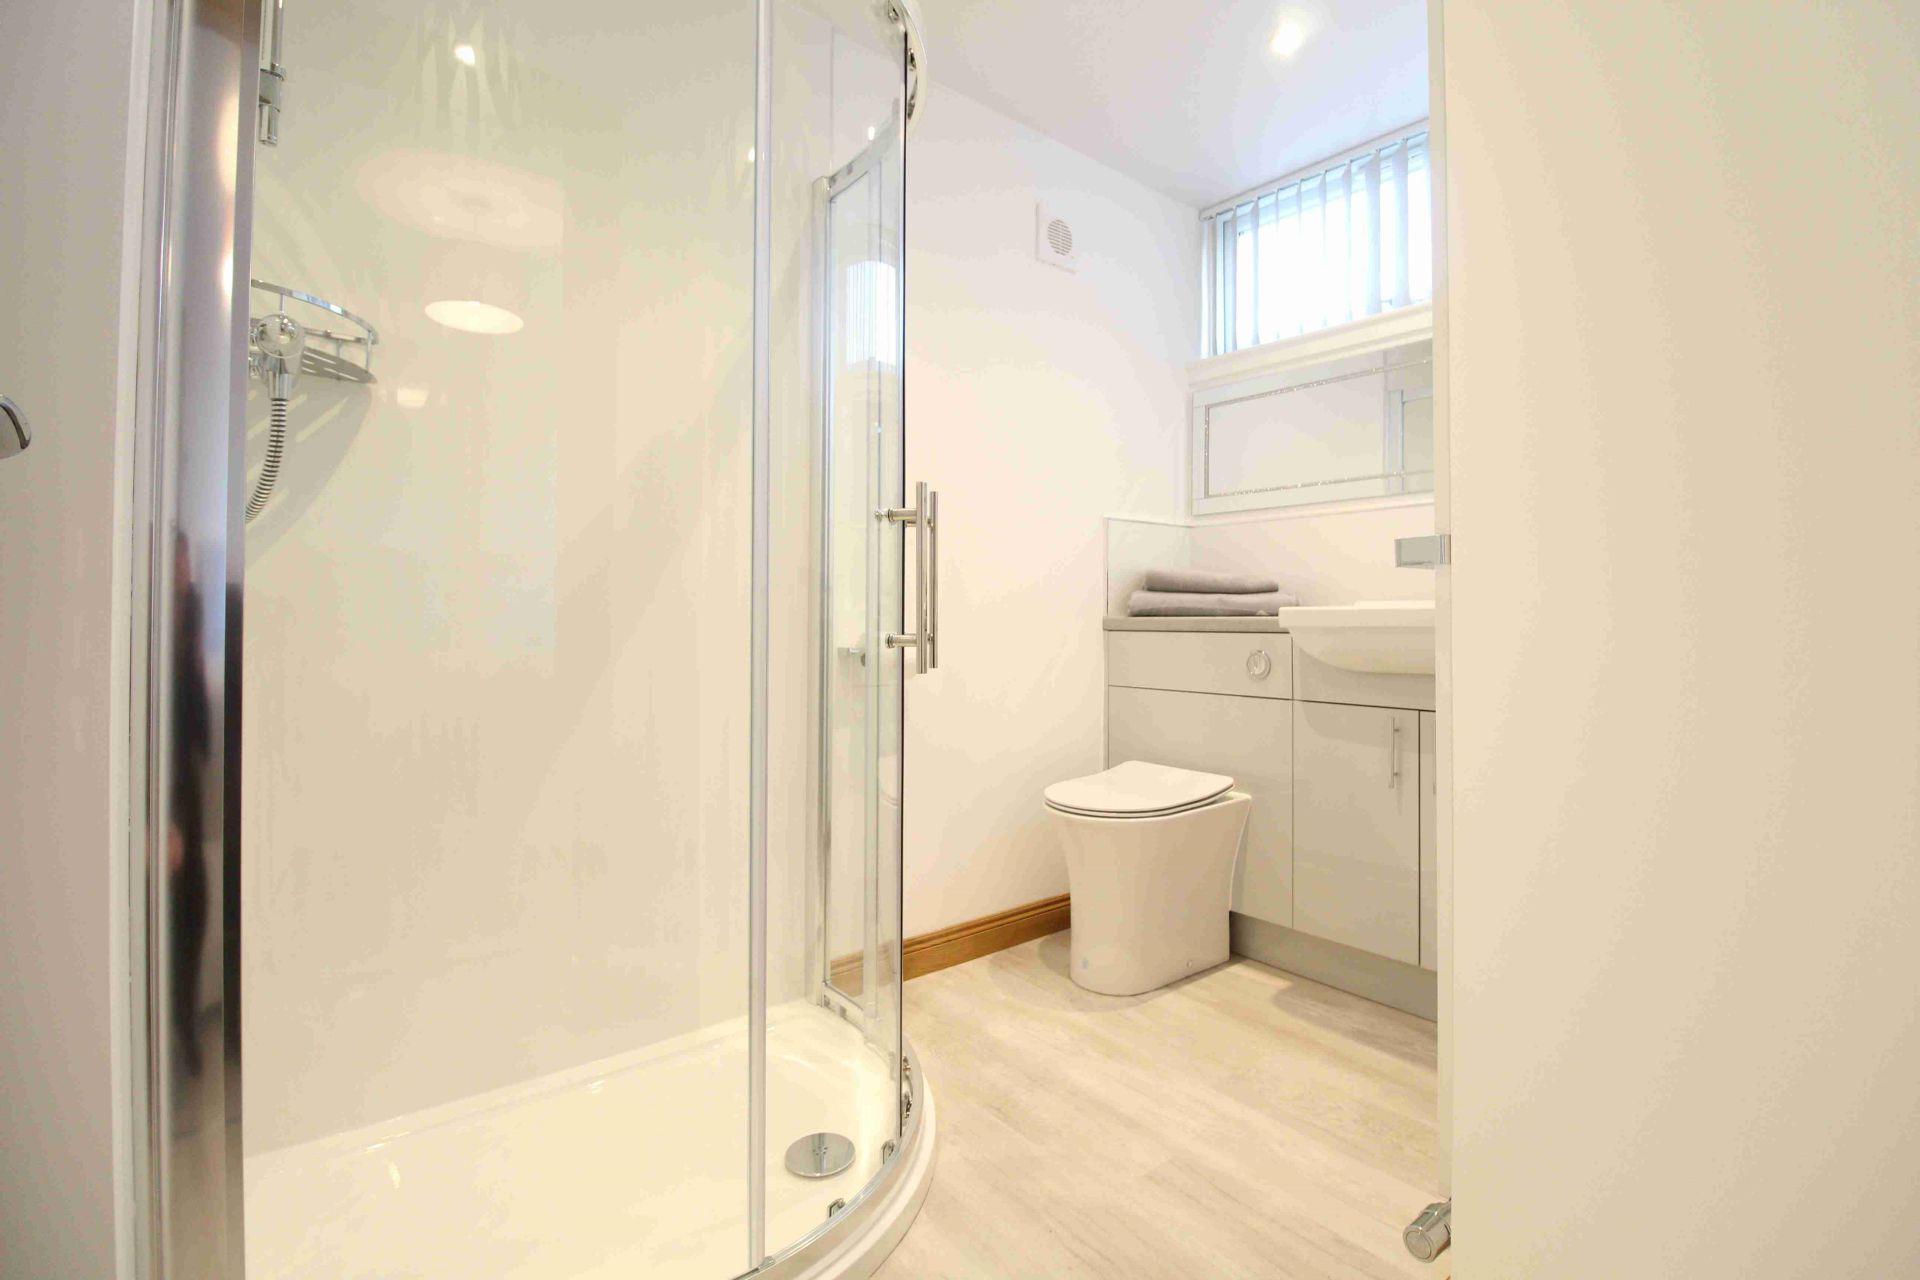 ARD-Properties-Development-Sites-Buy-Homes-Rent-Aberdeenshire-Rentals-Apartment-B-Loanhead-Terrace-Aberdeen-Banner (4)